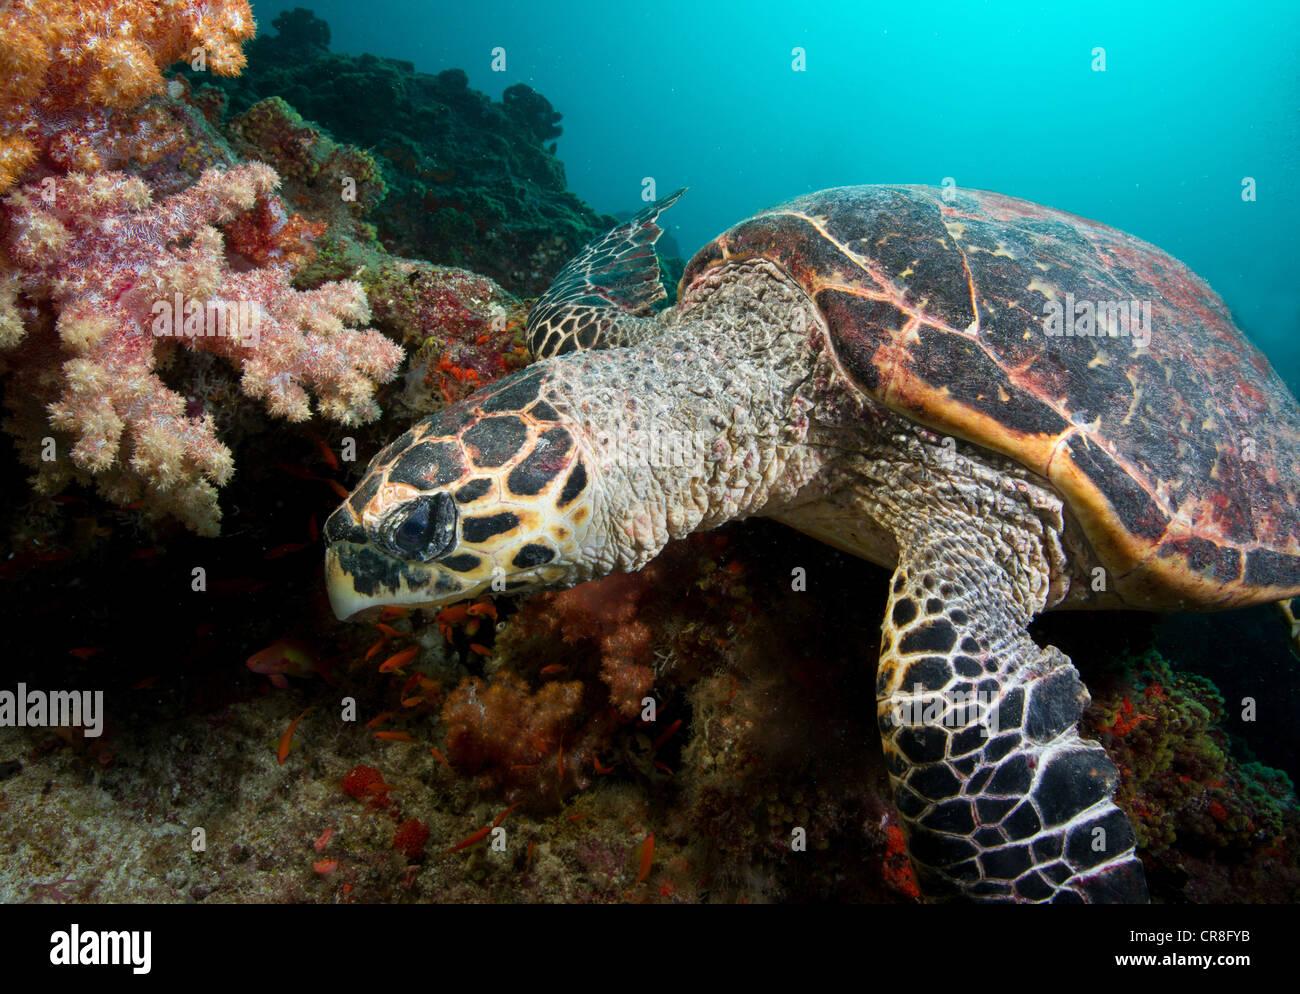 La tortuga carey en arrecifes de coral Foto de stock